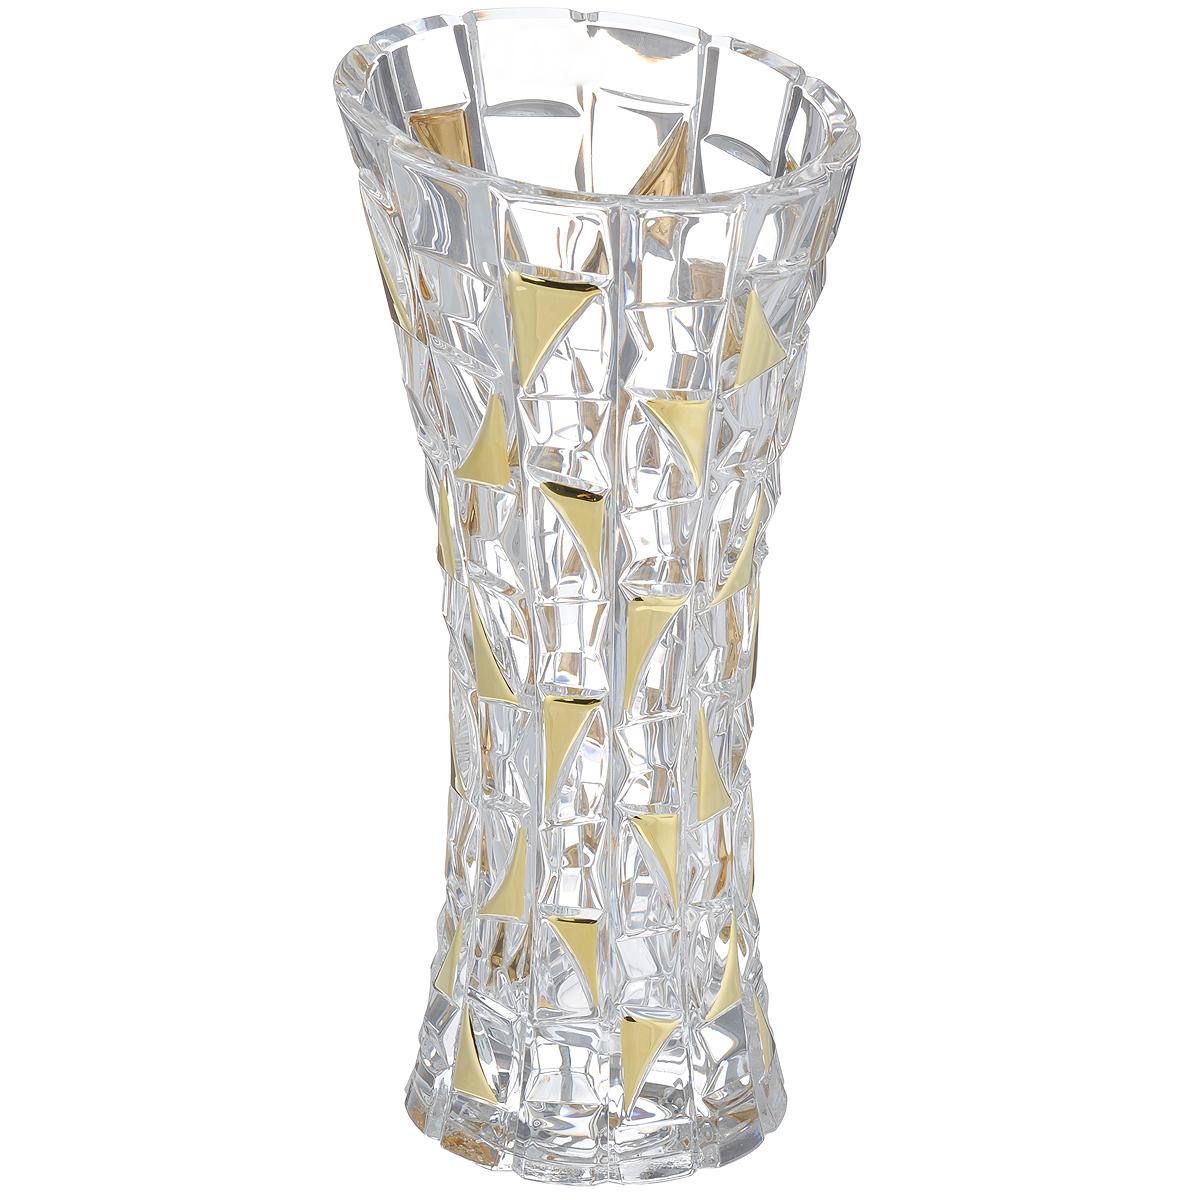 Ваза Crystal Bohemia Patriot Gold, высота 33 см. 990/80218/0/72232/330-109FS-80299Изящная ваза Crystal Bohemia Patriot Gold изготовлена из хрусталя. Ваза оформленарельефным рисунком и вставками золотистого цвета, что делает ее изящным украшениеминтерьера.Ваза Crystal Bohemia Patriot Gold дополнит интерьер офиса или дома и станет желанным истильнымподарком. Высота вазы: 33 см.Диаметр вазы (по верхнему краю): 15 см.